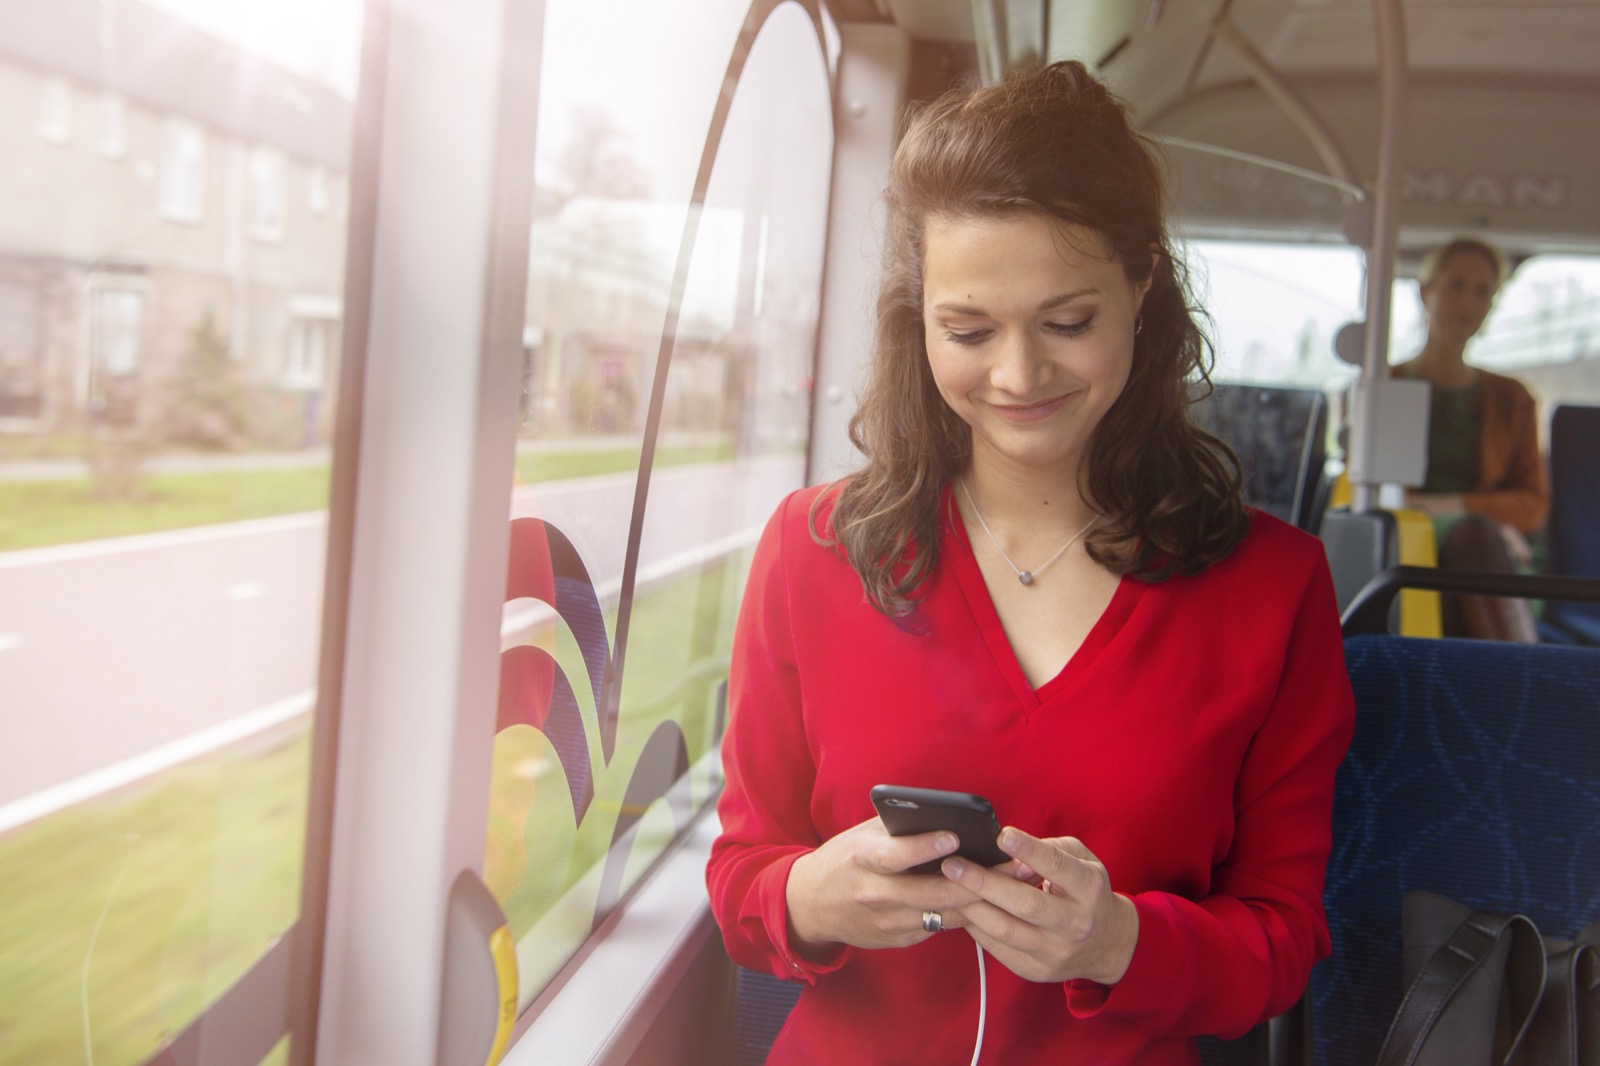 Koop je kaartje in de bus en betaal met iDEAL